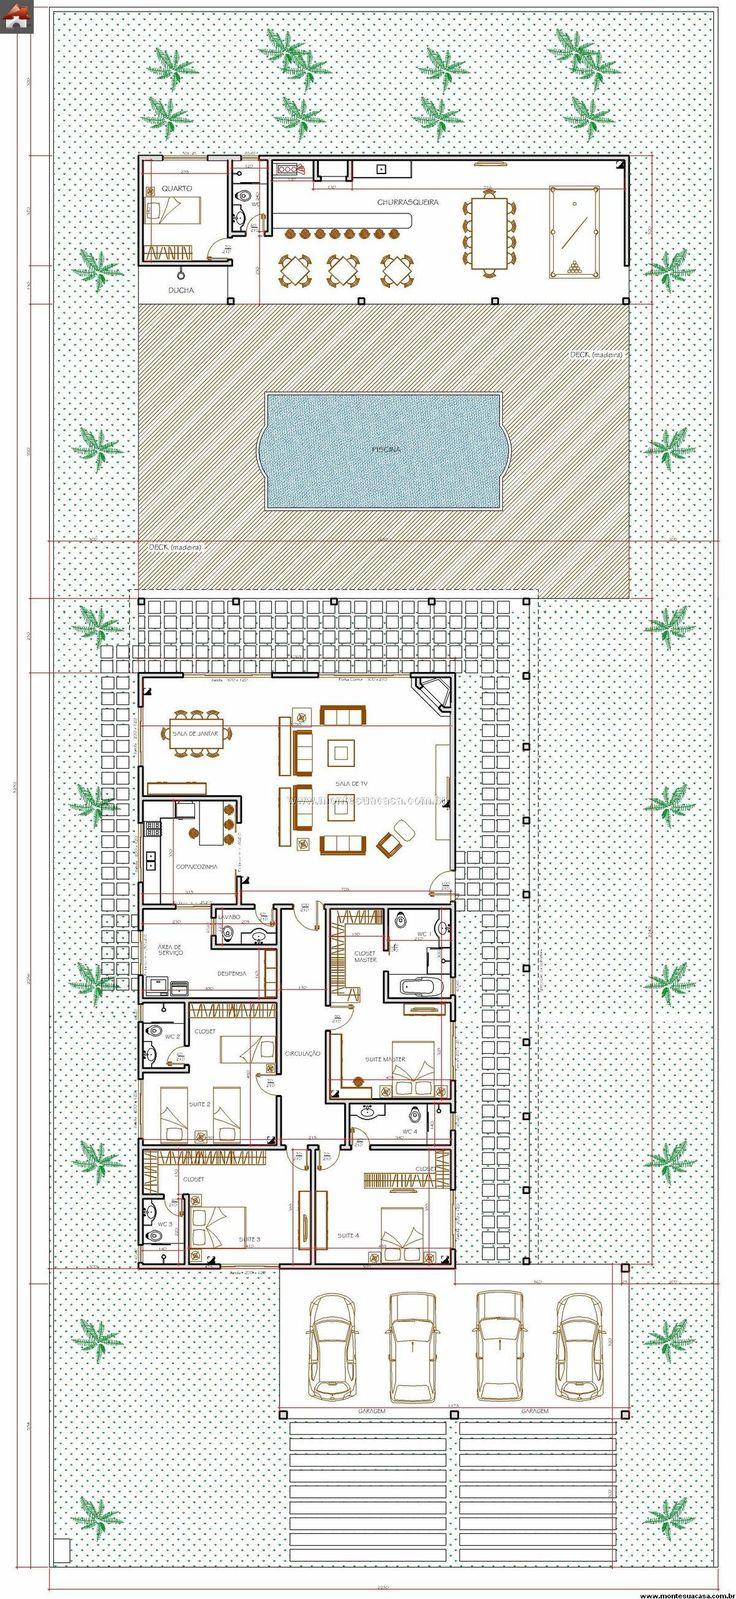 Casa 0 Quartos - 213.53m²